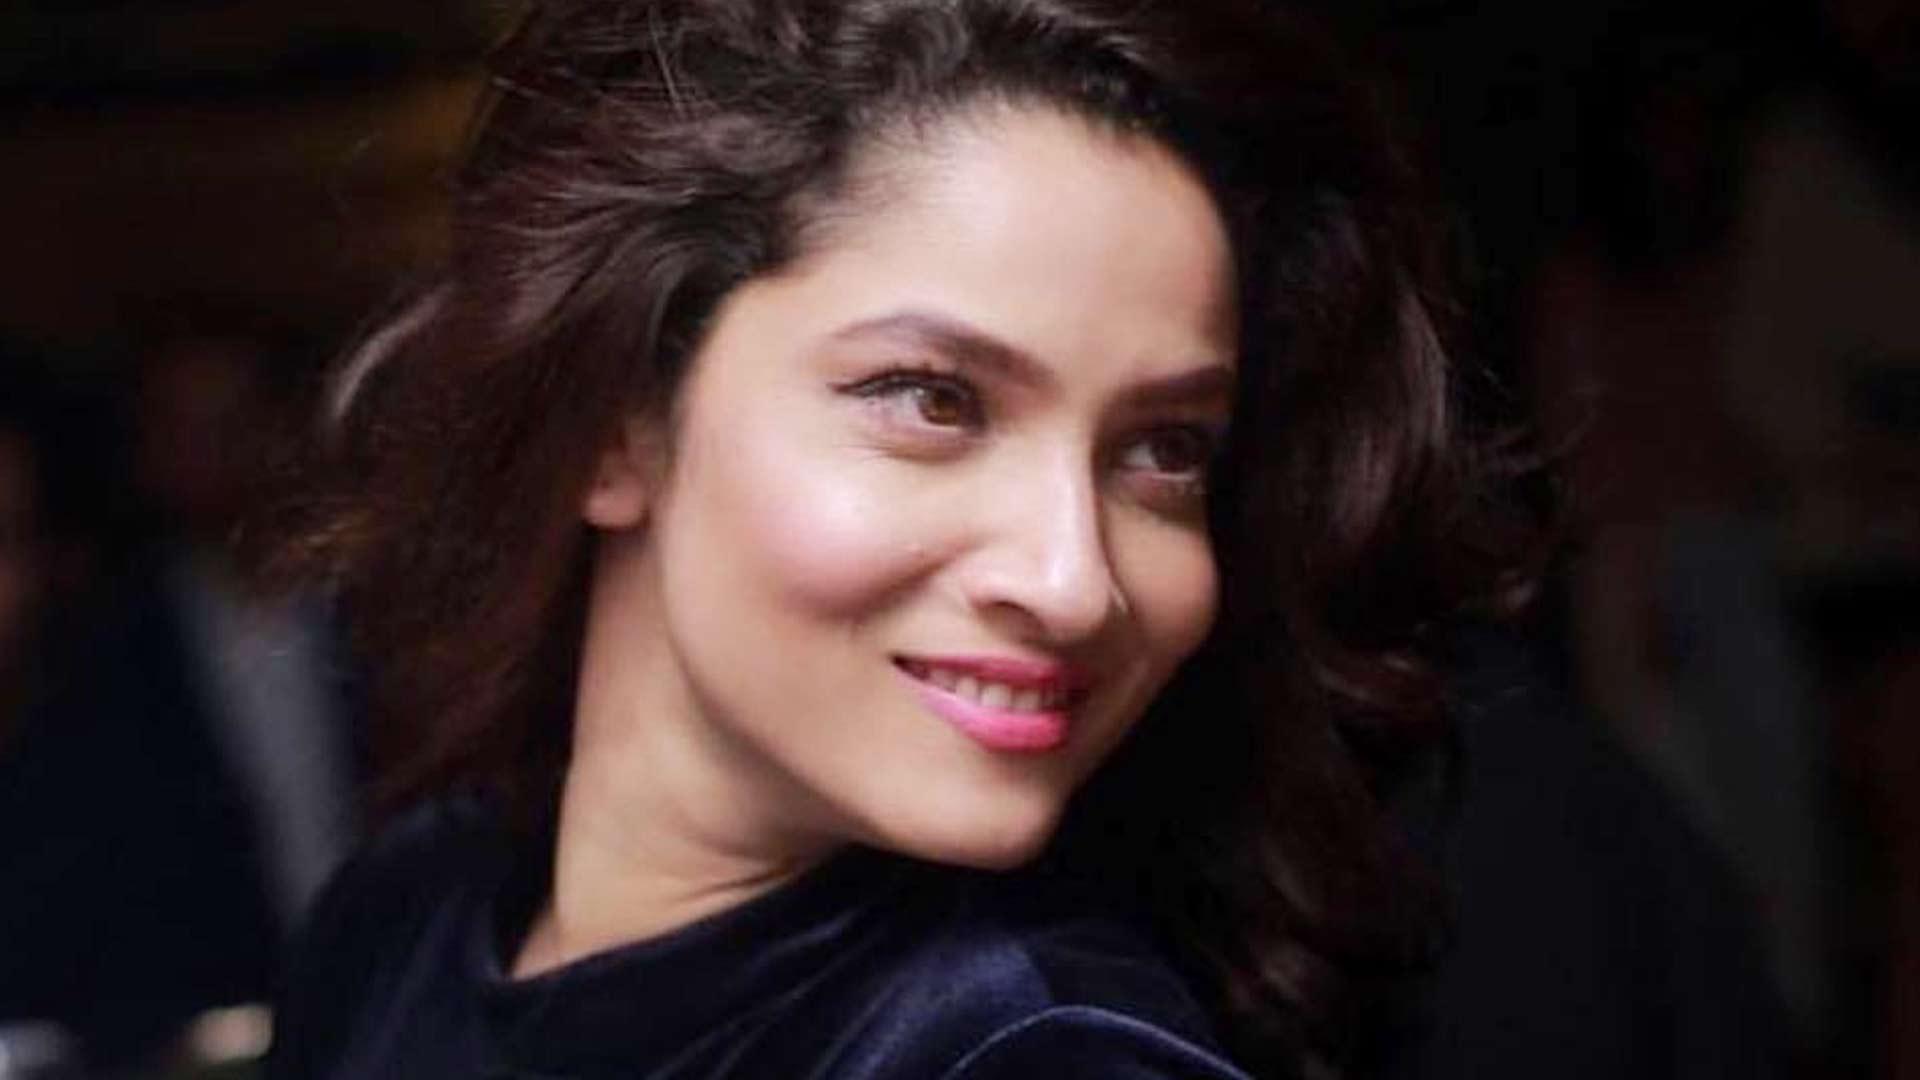 अंकिता लोखंडे ने किया इजहार-ए-इश्क, बोलीं- 'हां मैं प्यार में हूं, लेकिन अभी शादी का इरादा नहीं'